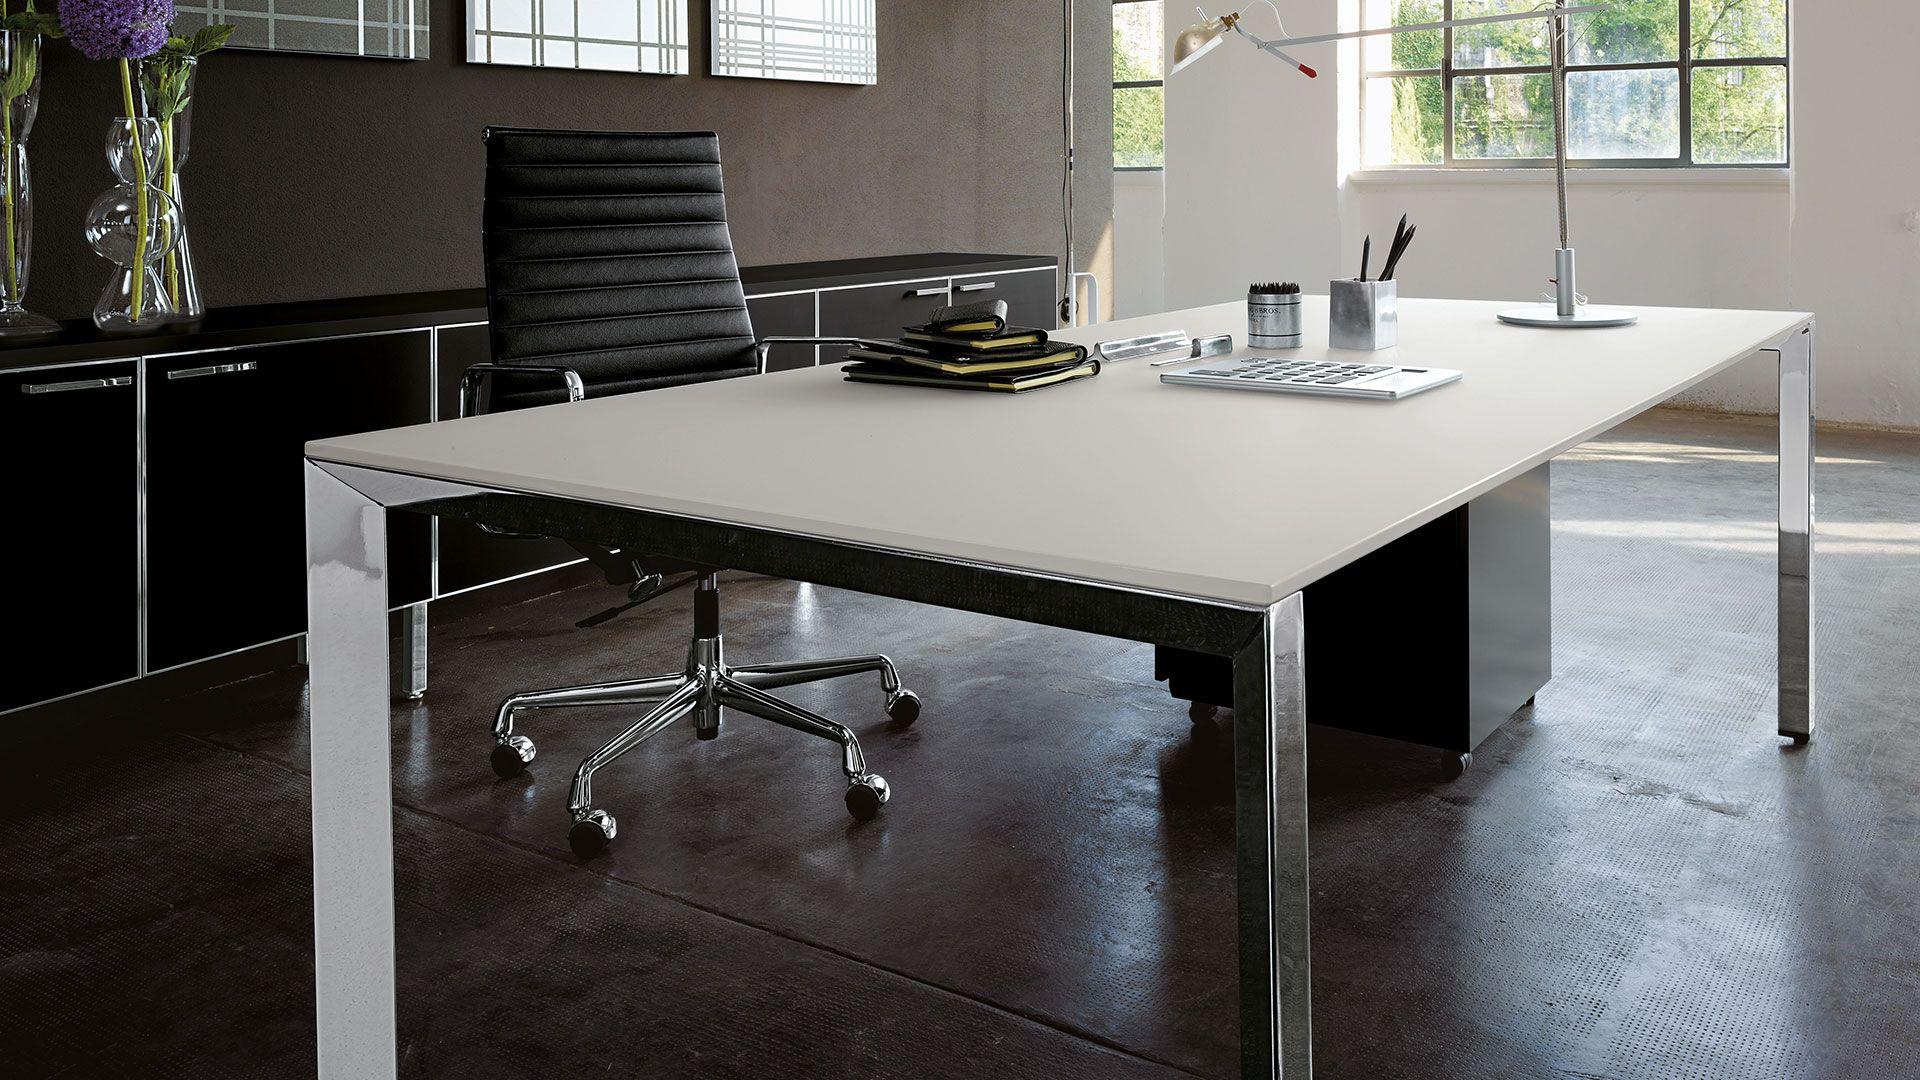 Chefschreibtisch Design Schreibtisch Einzelarbeitsplatz Mit Weißer  Tischplatte Und Chrom Schreibtischbeinen Minimalistisches Büromöbel Design  Individuell